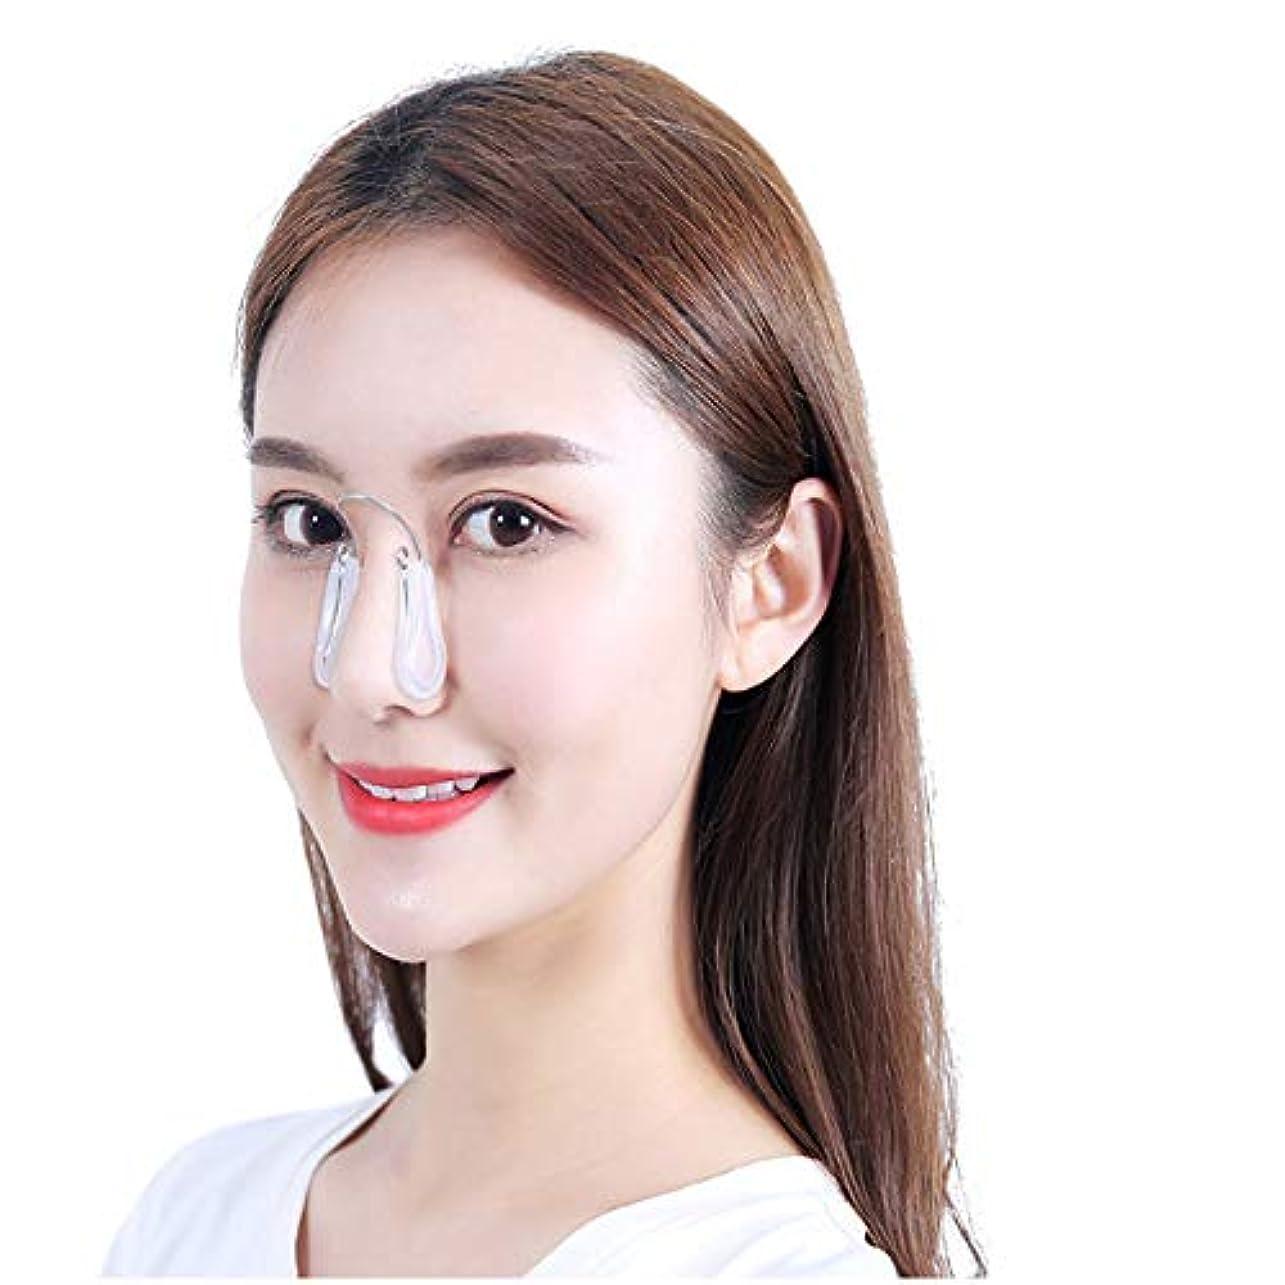 連鎖カヌー強度GOIOD 美鼻ケア 鼻 人工鼻 増強美容 鼻のデバイスシリコンクリップ 鼻筋矯正 簡単美鼻ケア